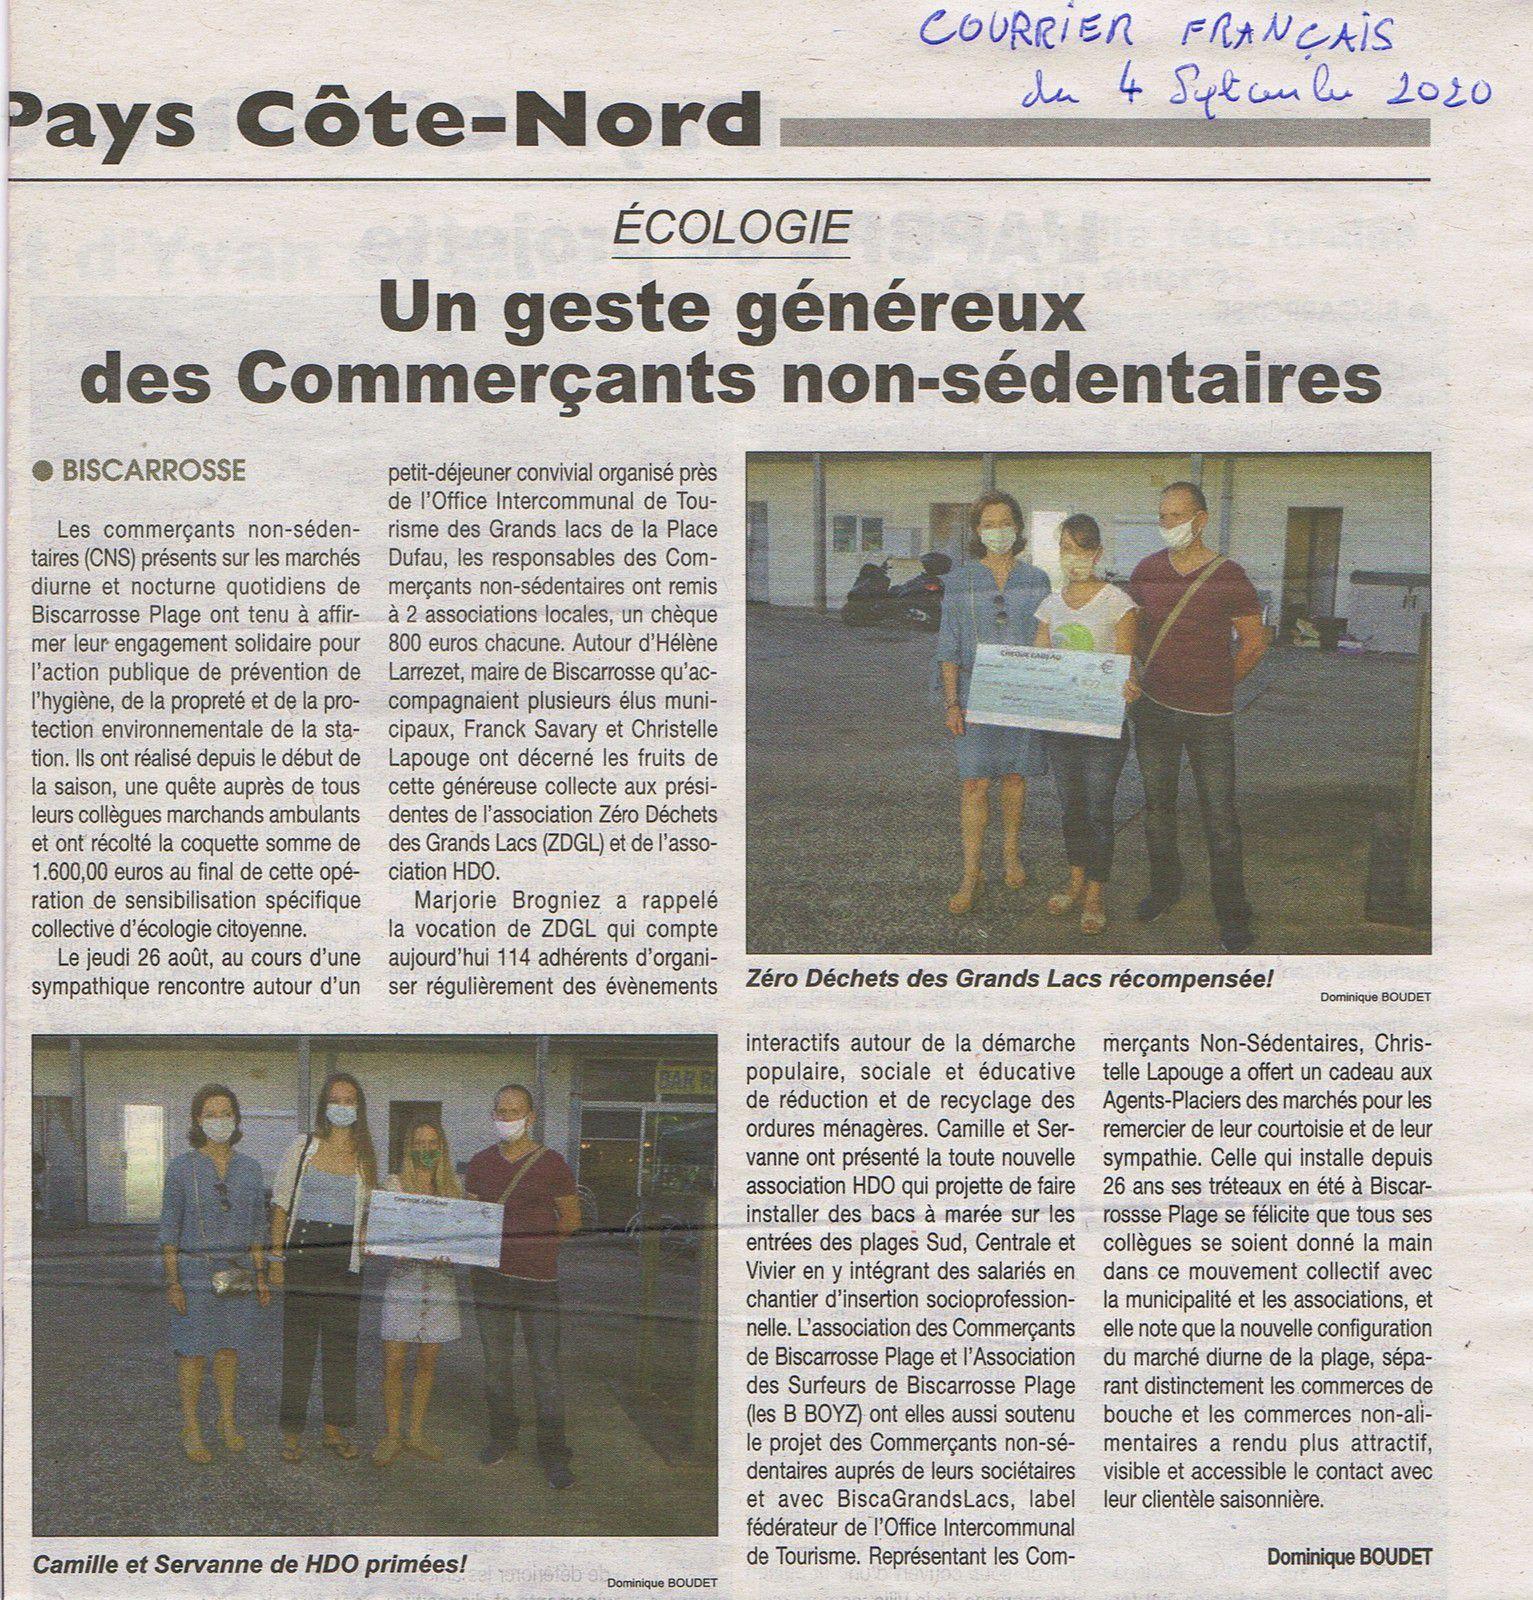 La presse parle de l'AG 2020 et de l'engagement des commerçants de Biscarrosse-Plage